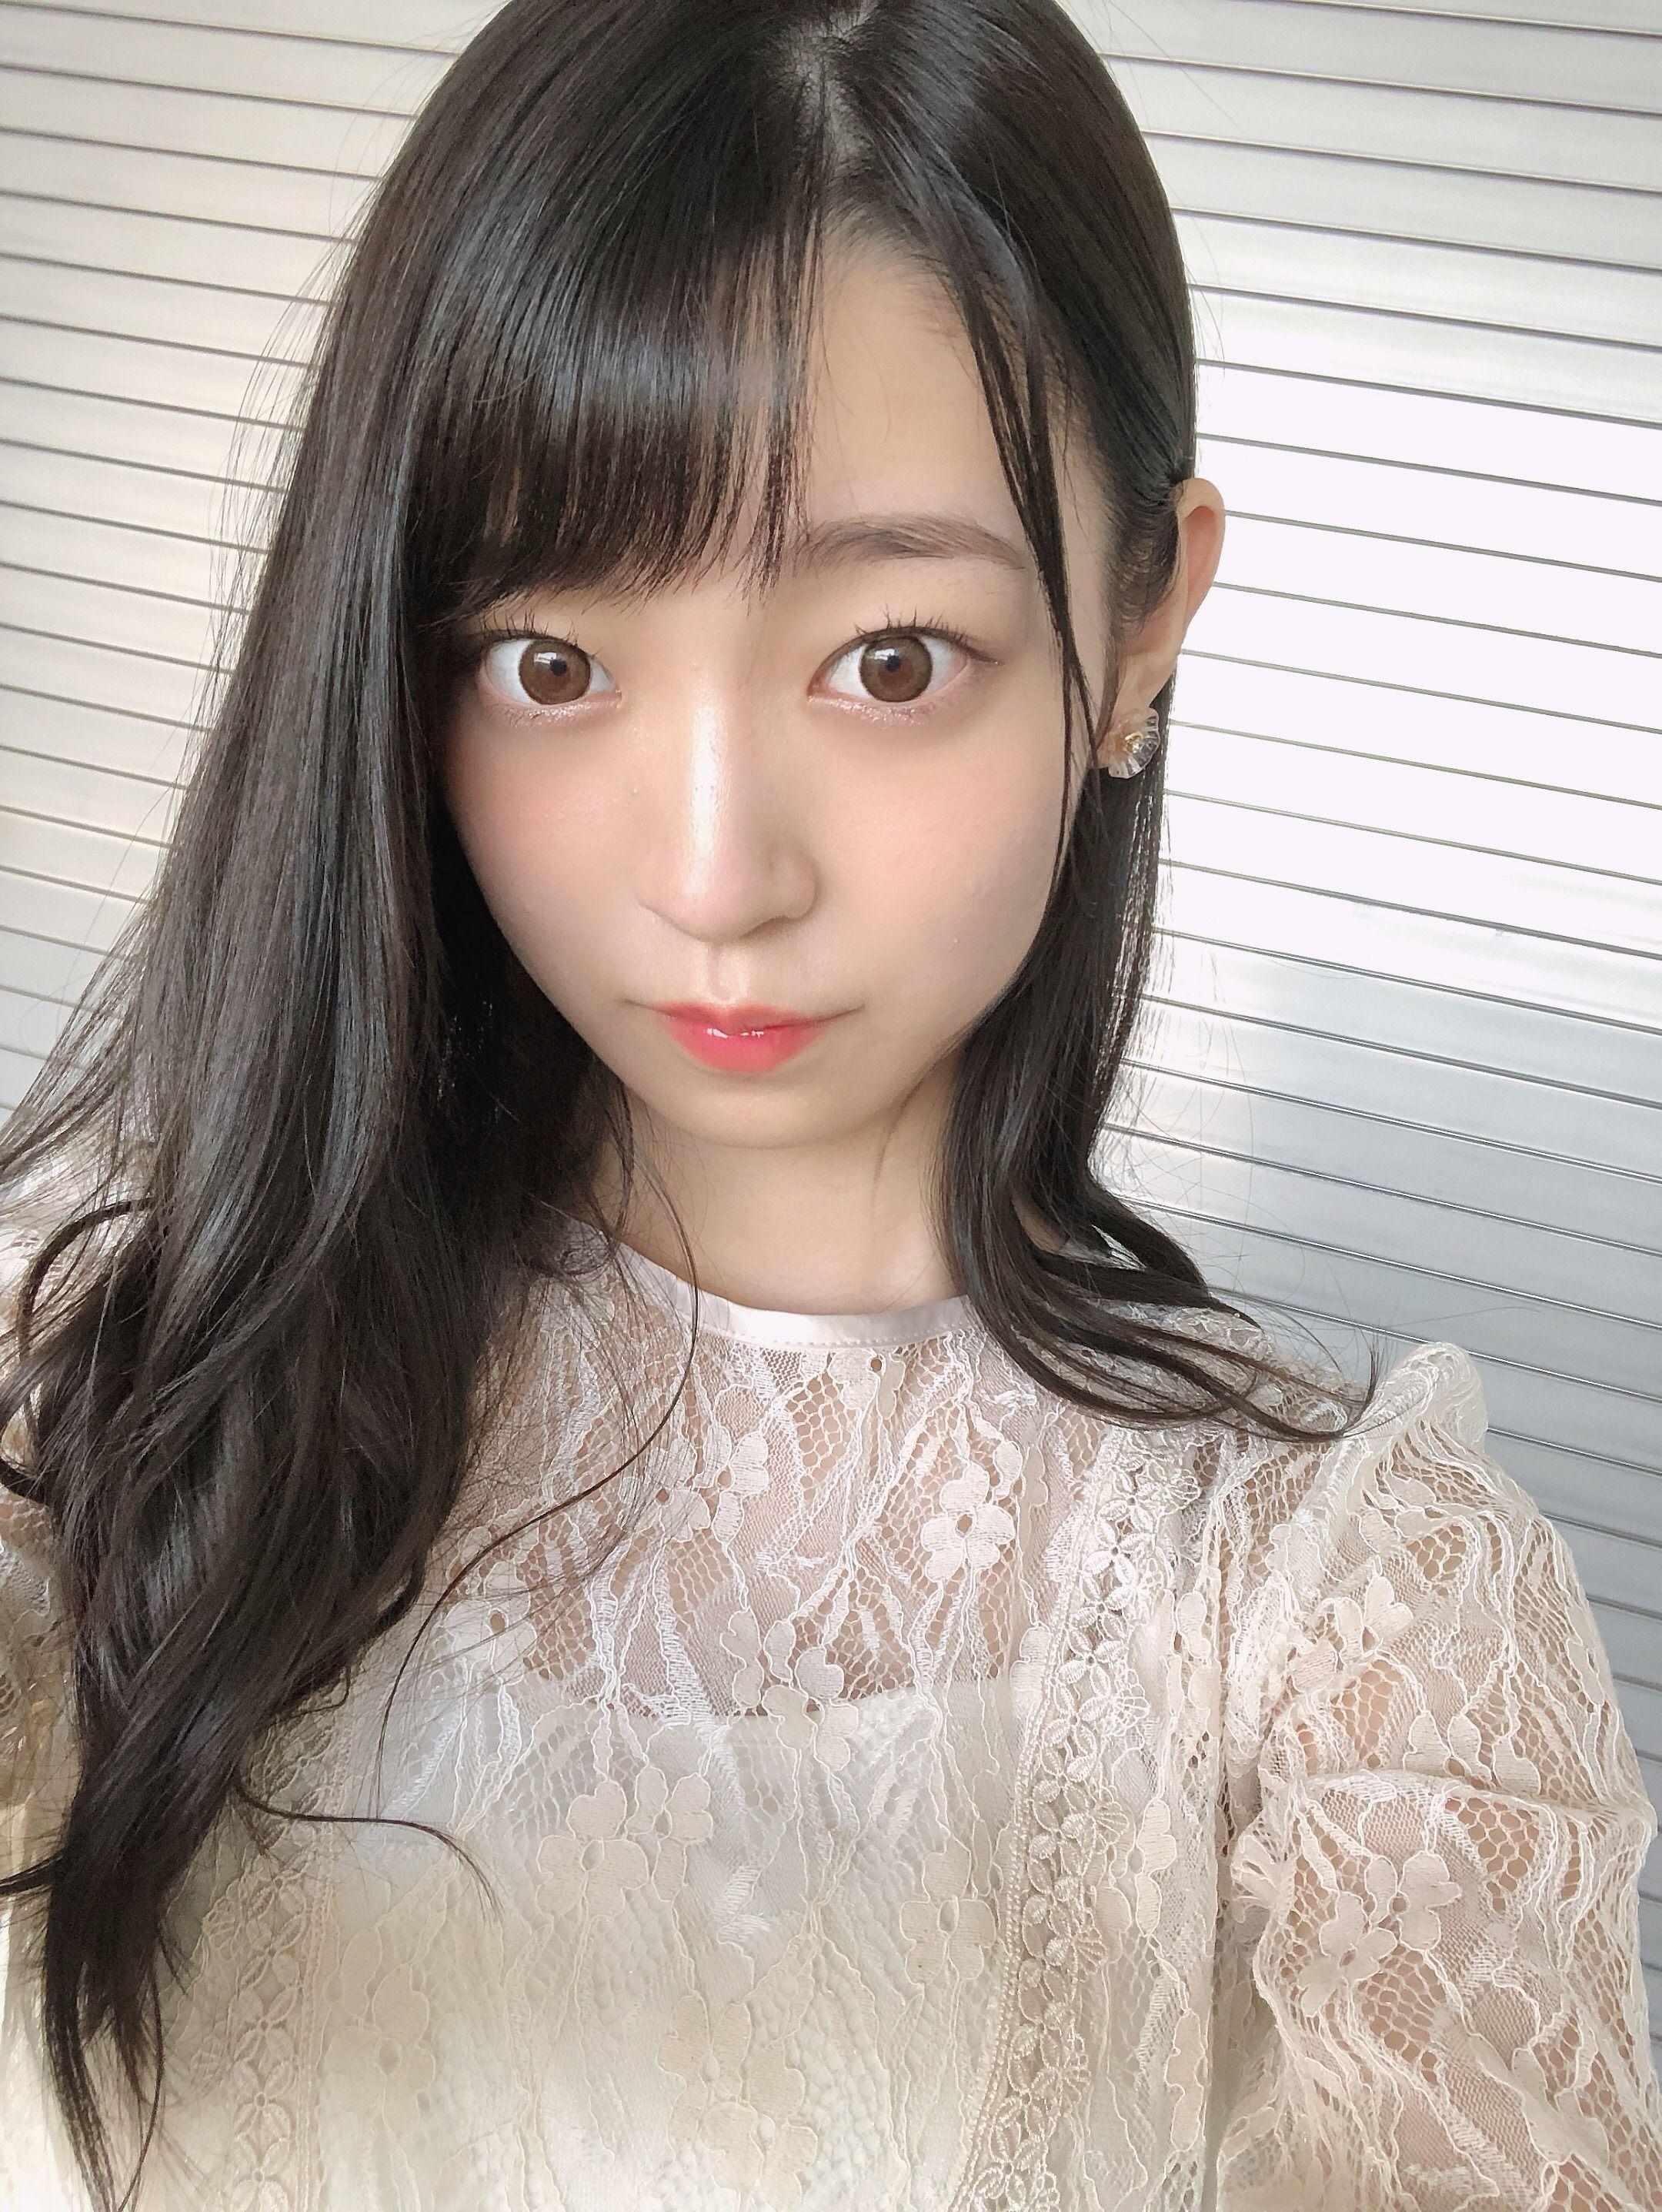 ナレーション 乃木坂46 阪口珠美 公式ブログ 阪口珠美 乃木坂 たまちゃん